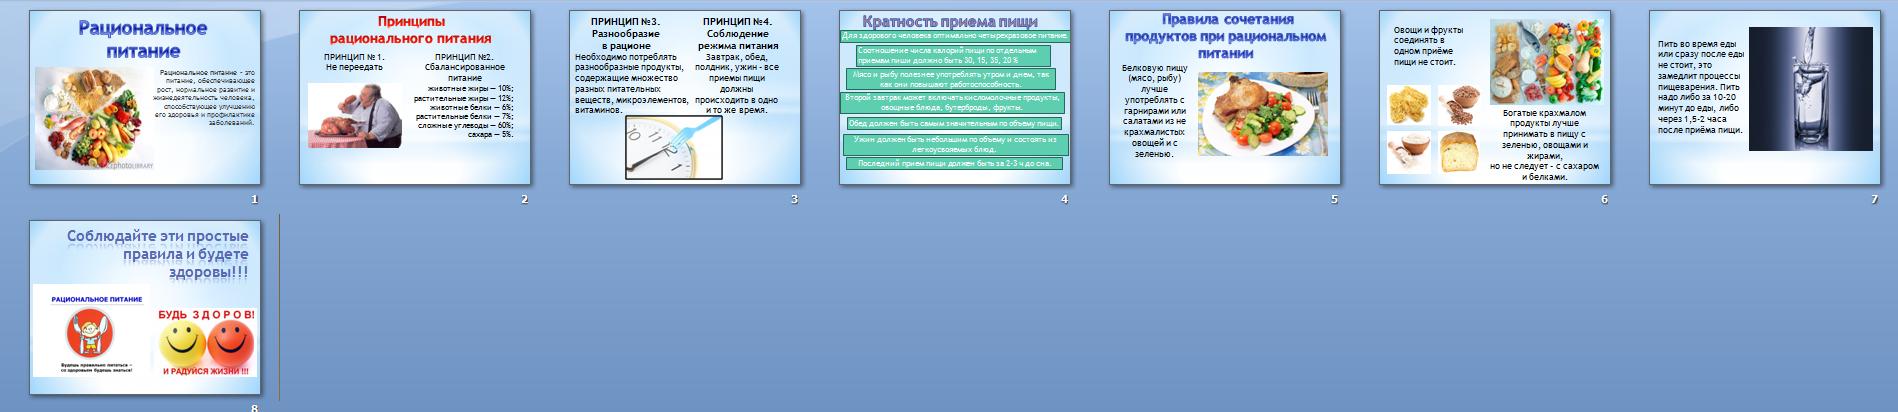 C:\Users\Пользователь\Desktop\5.PNG